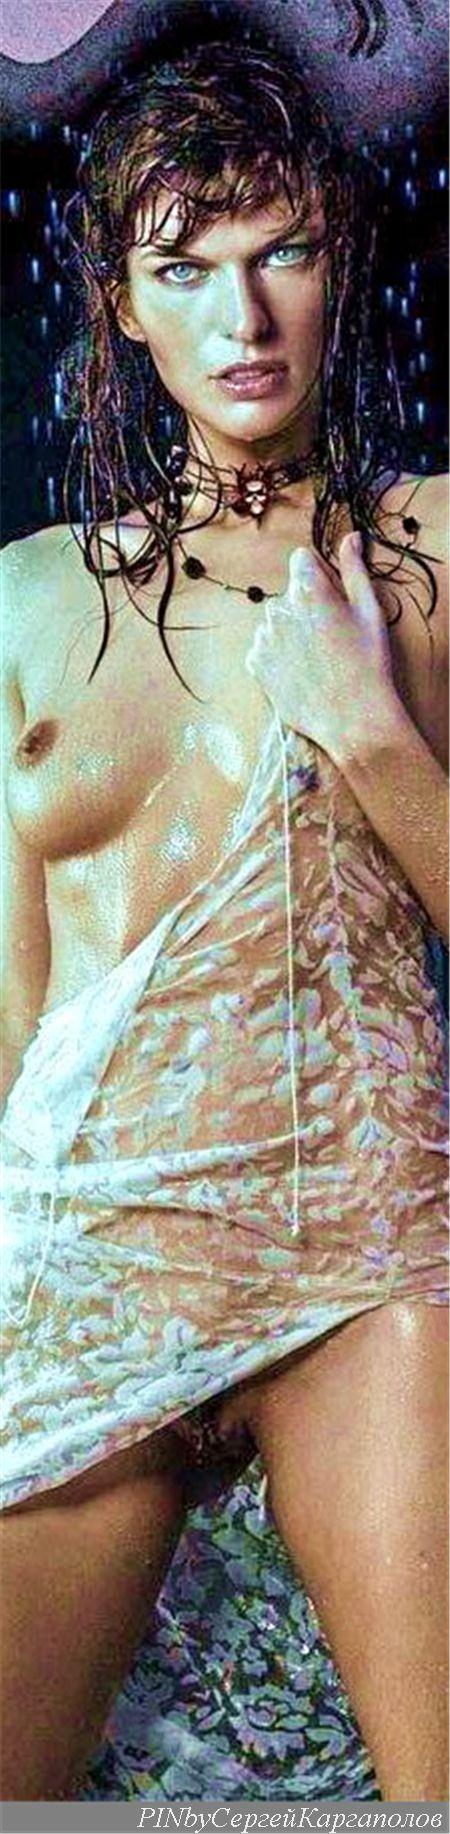 Milla Jovovich                                                                                                                                                                                 Mais